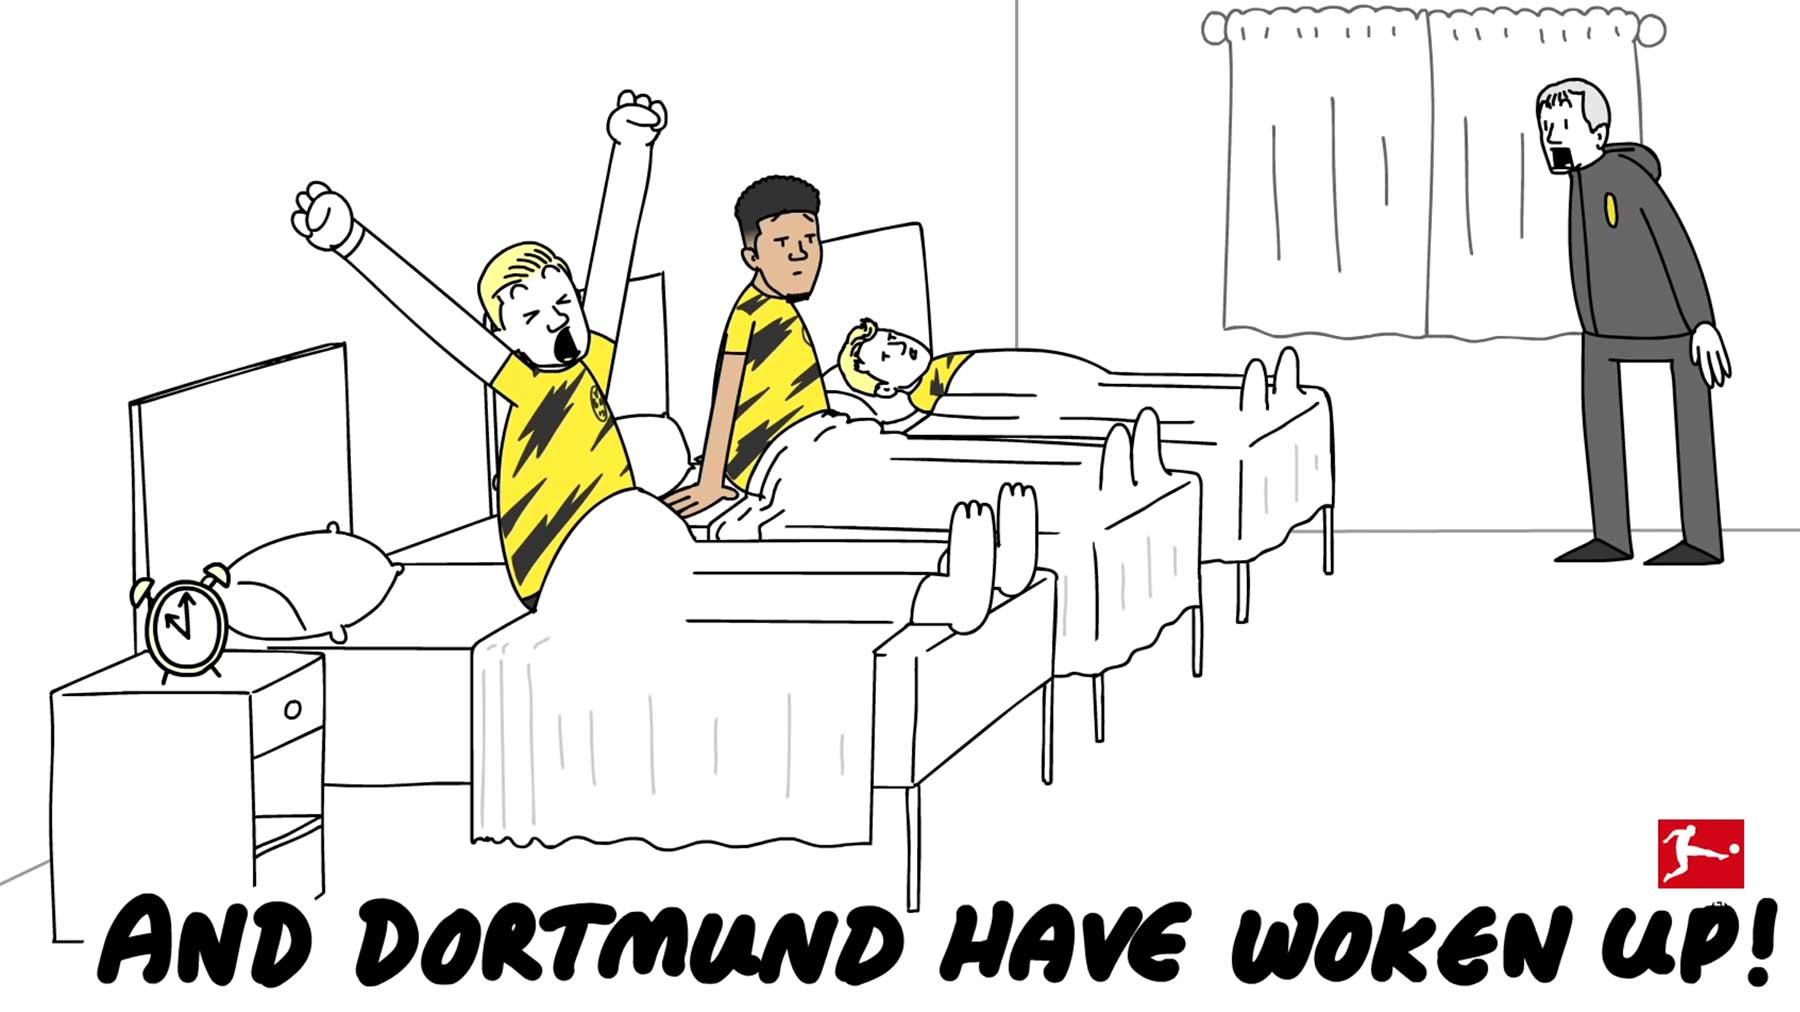 Neue animierte Fußballkommentare von Nick Murray Willis